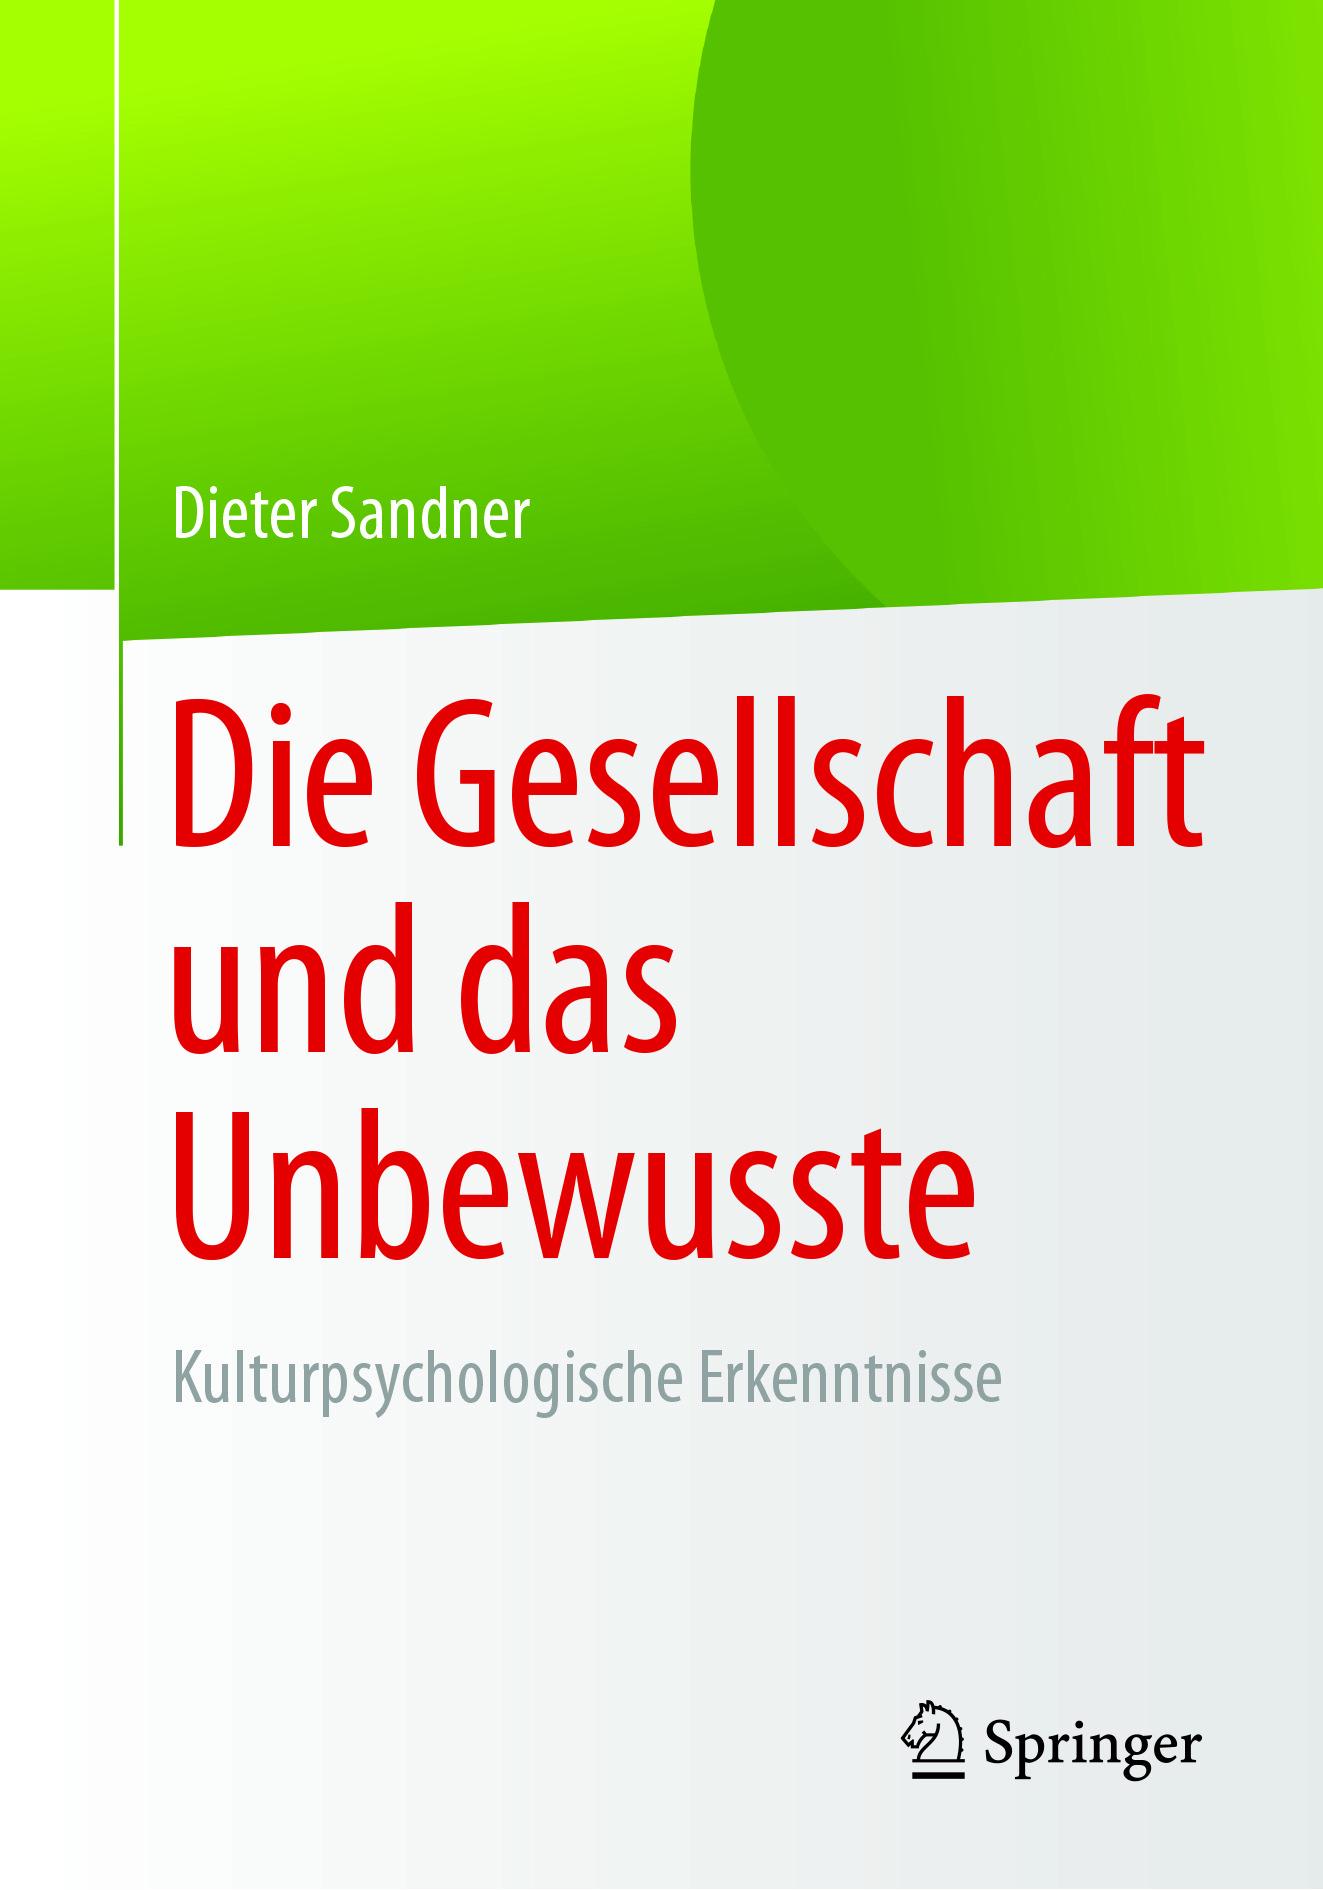 Sandner, Dieter - Die Gesellschaft und das Unbewusste, ebook